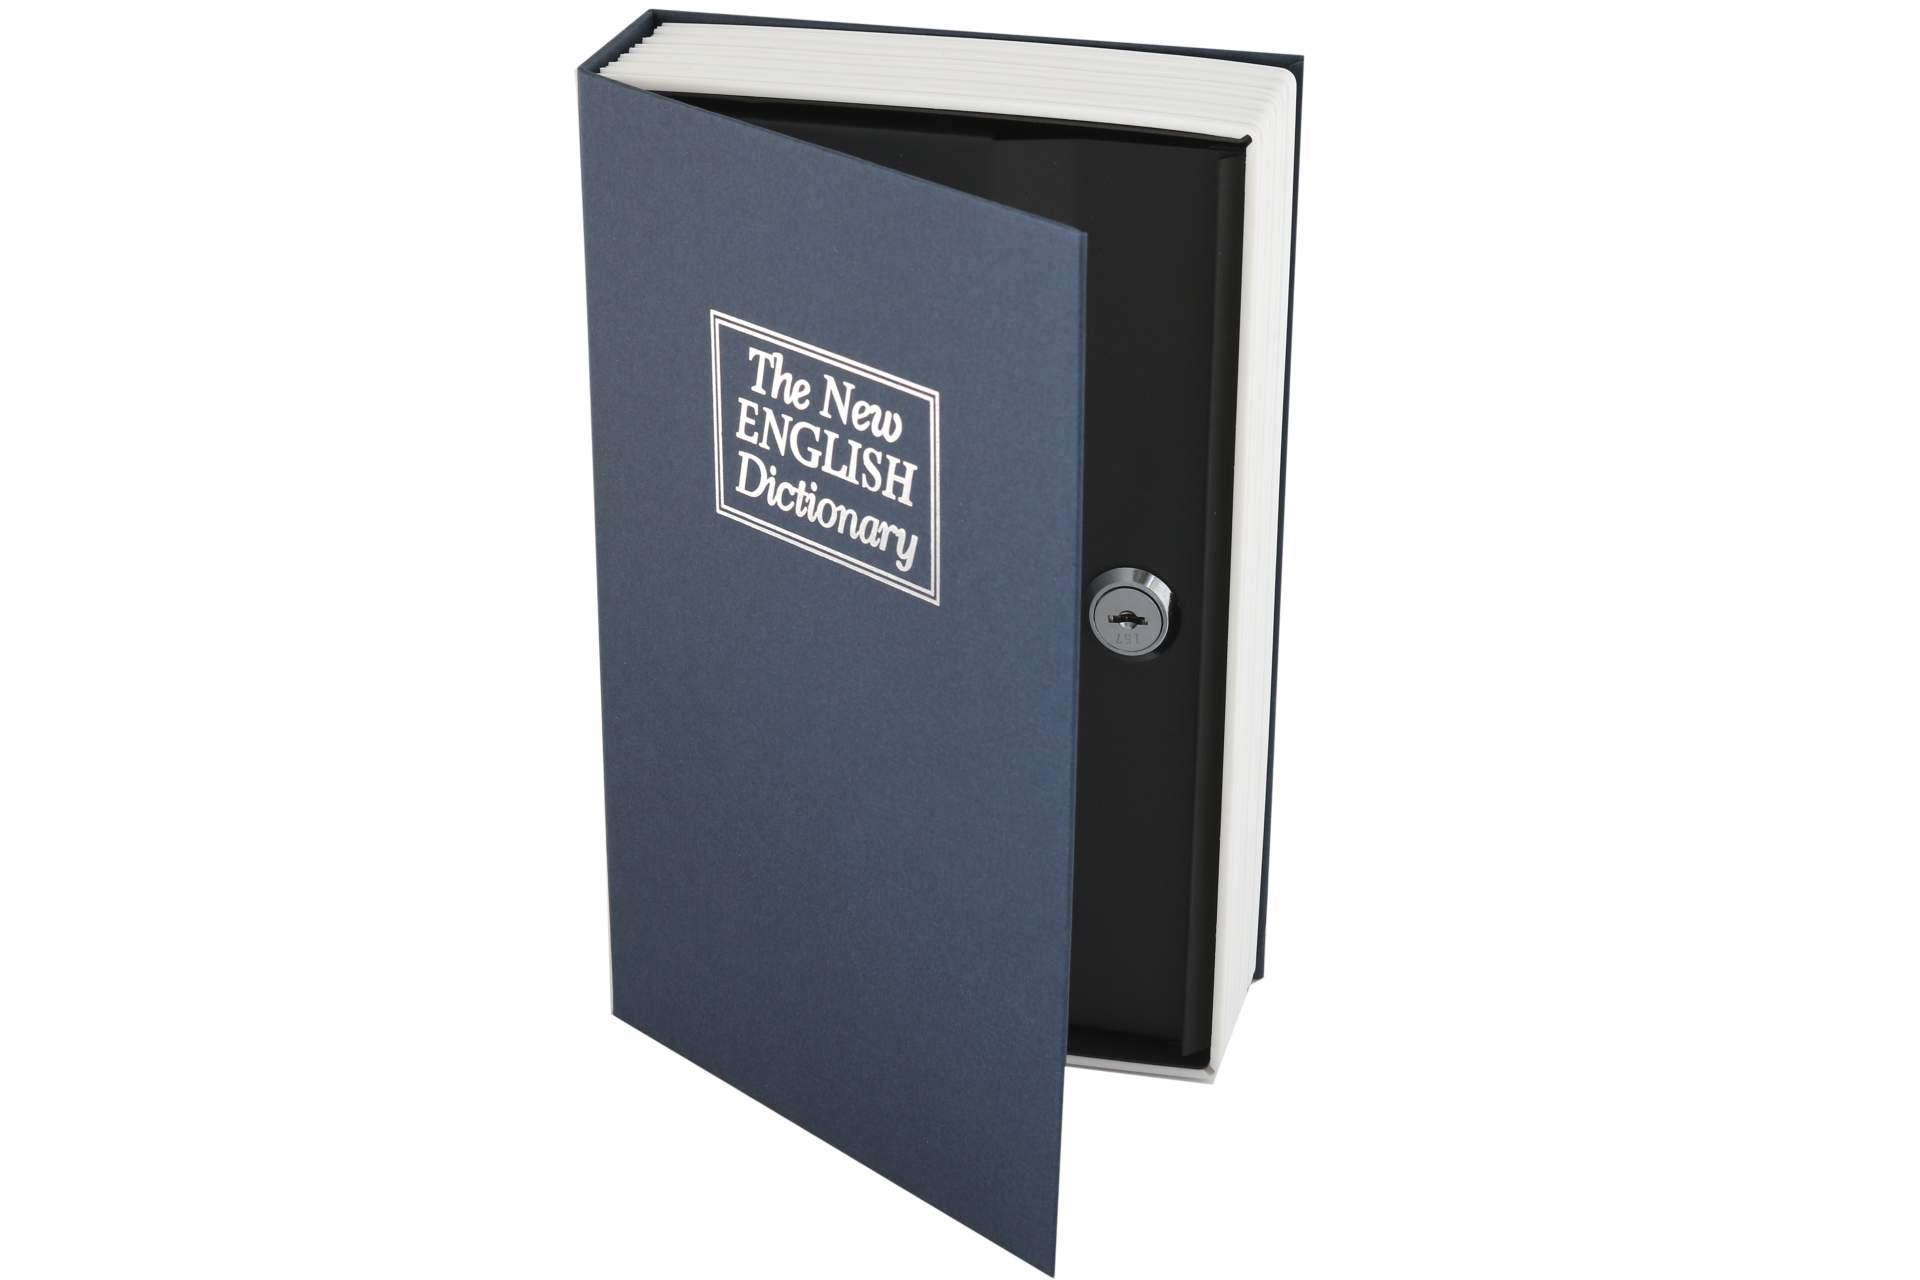 buch geldkassette buchattrappe geld mit 2 schl ssel blau haushaltsartikel k che und haushalt. Black Bedroom Furniture Sets. Home Design Ideas